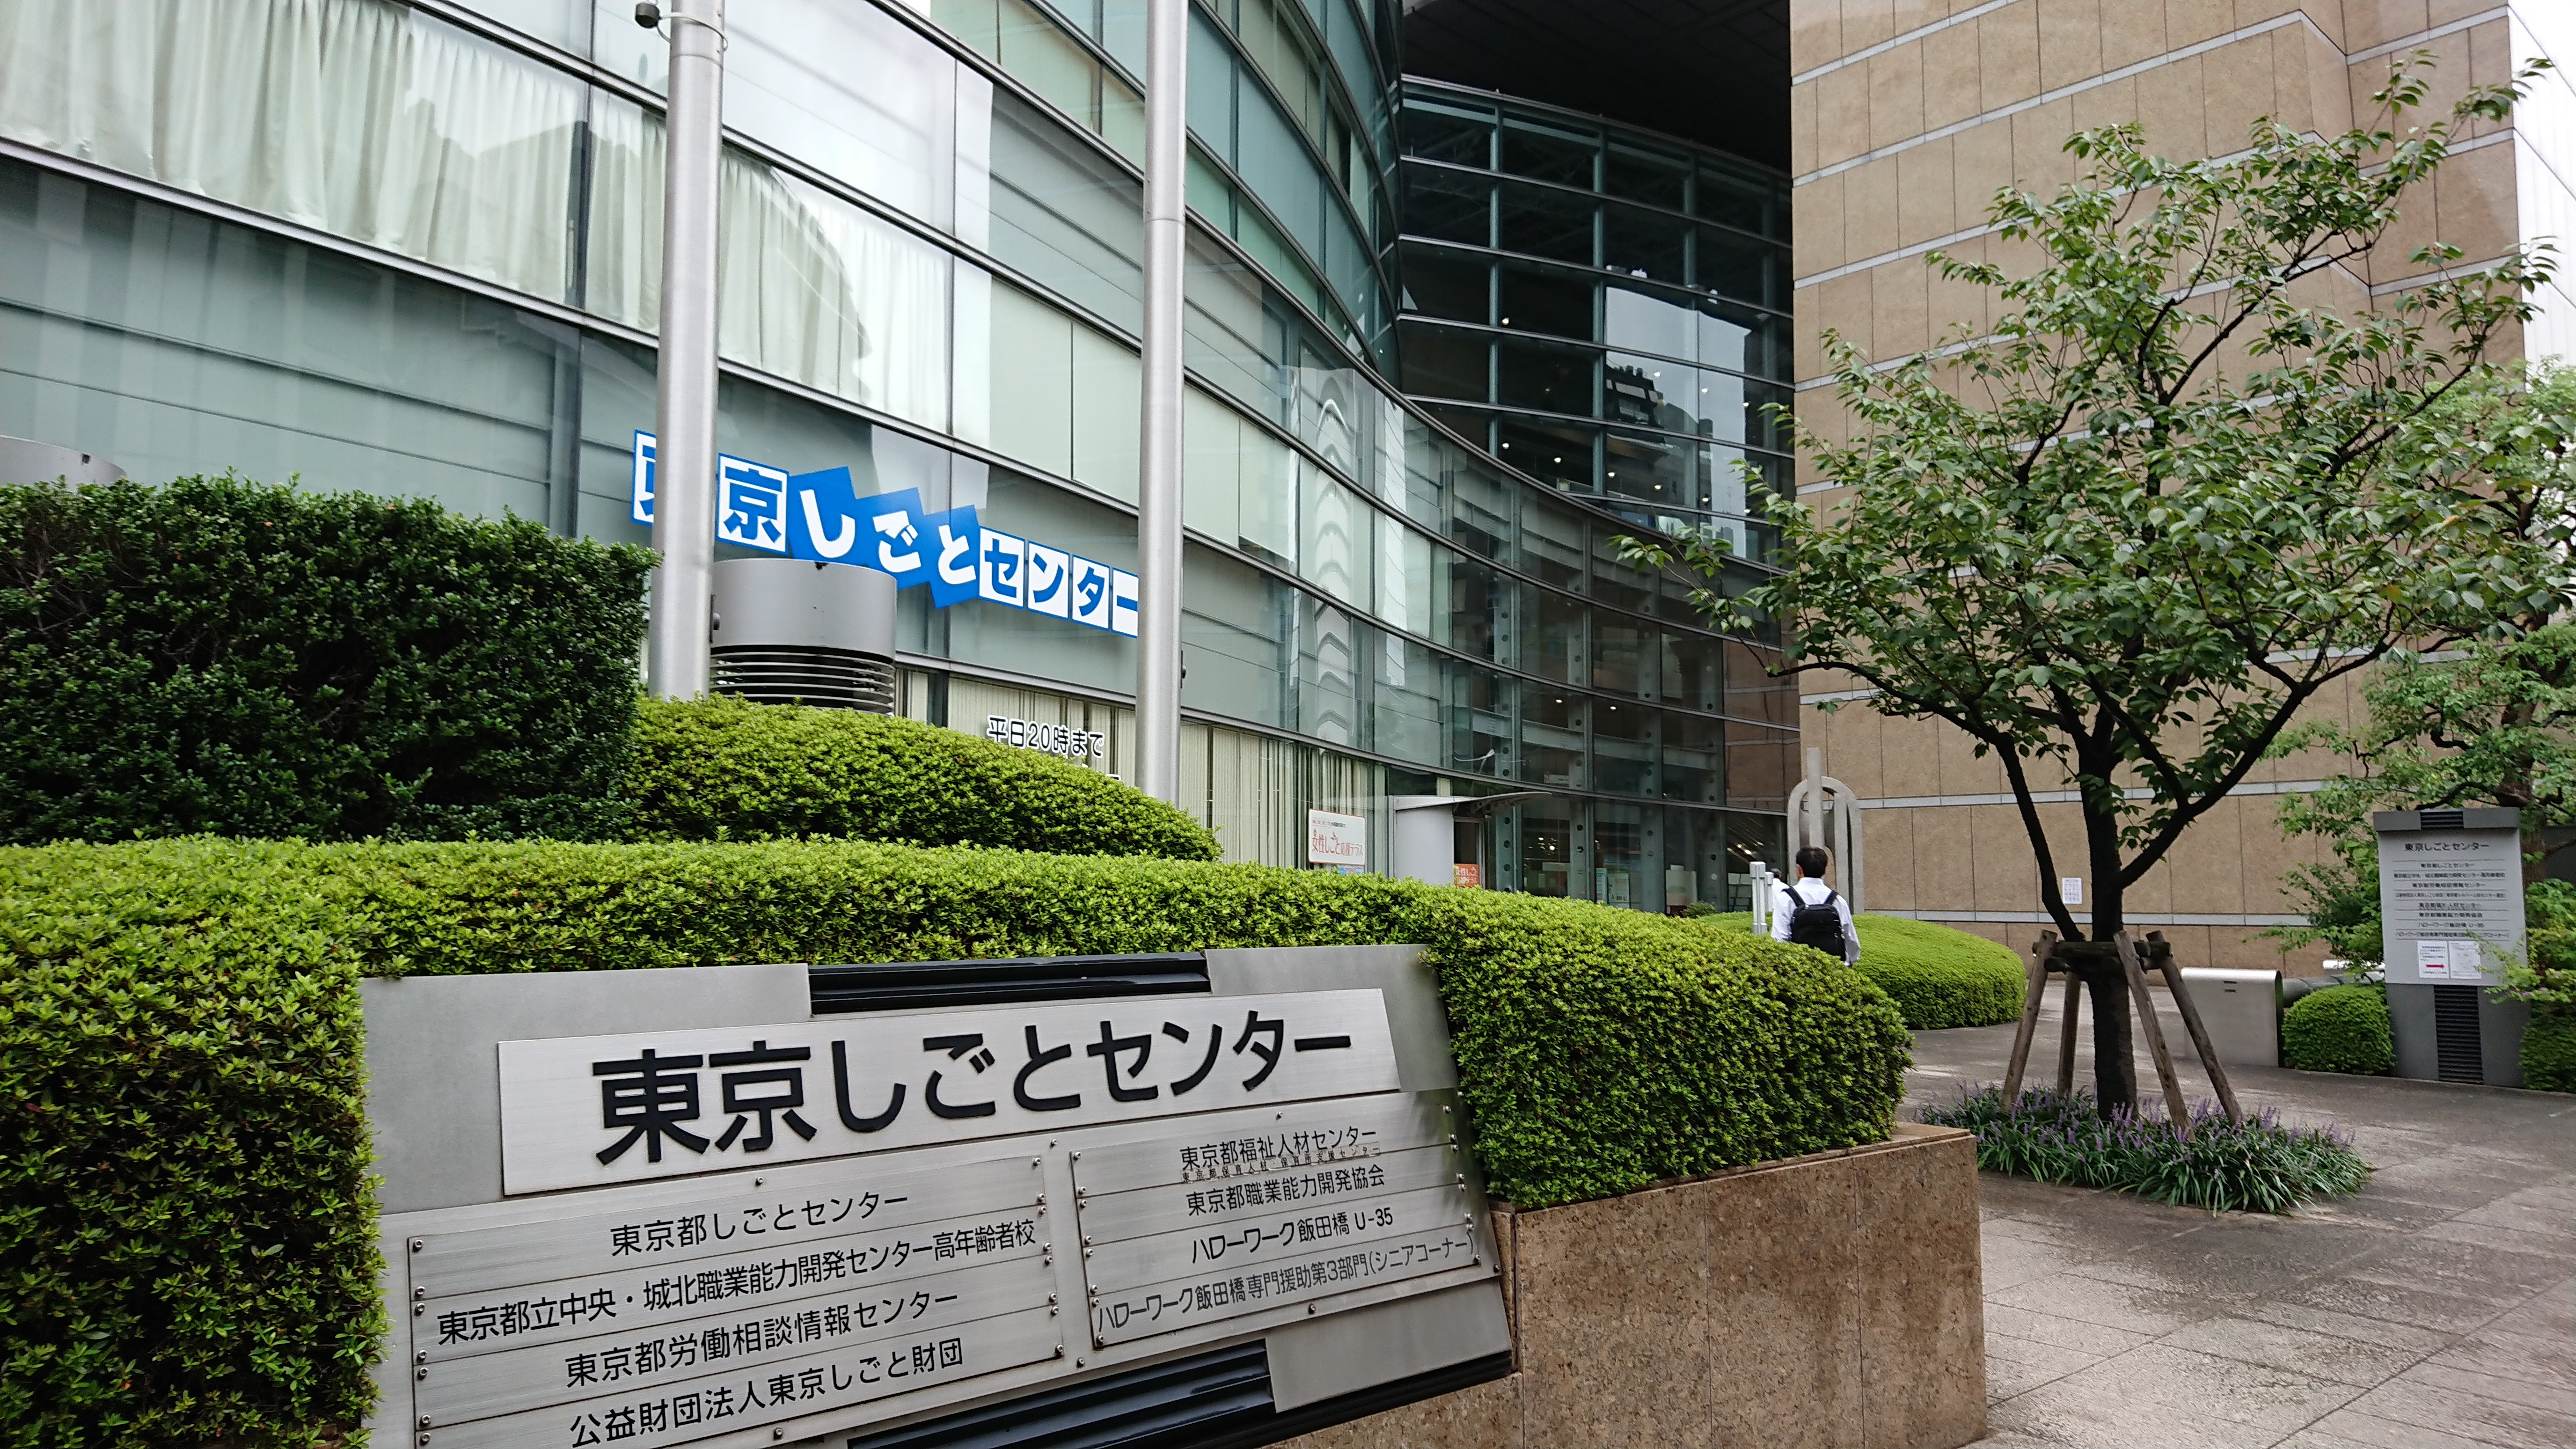 仕事 財団 東京